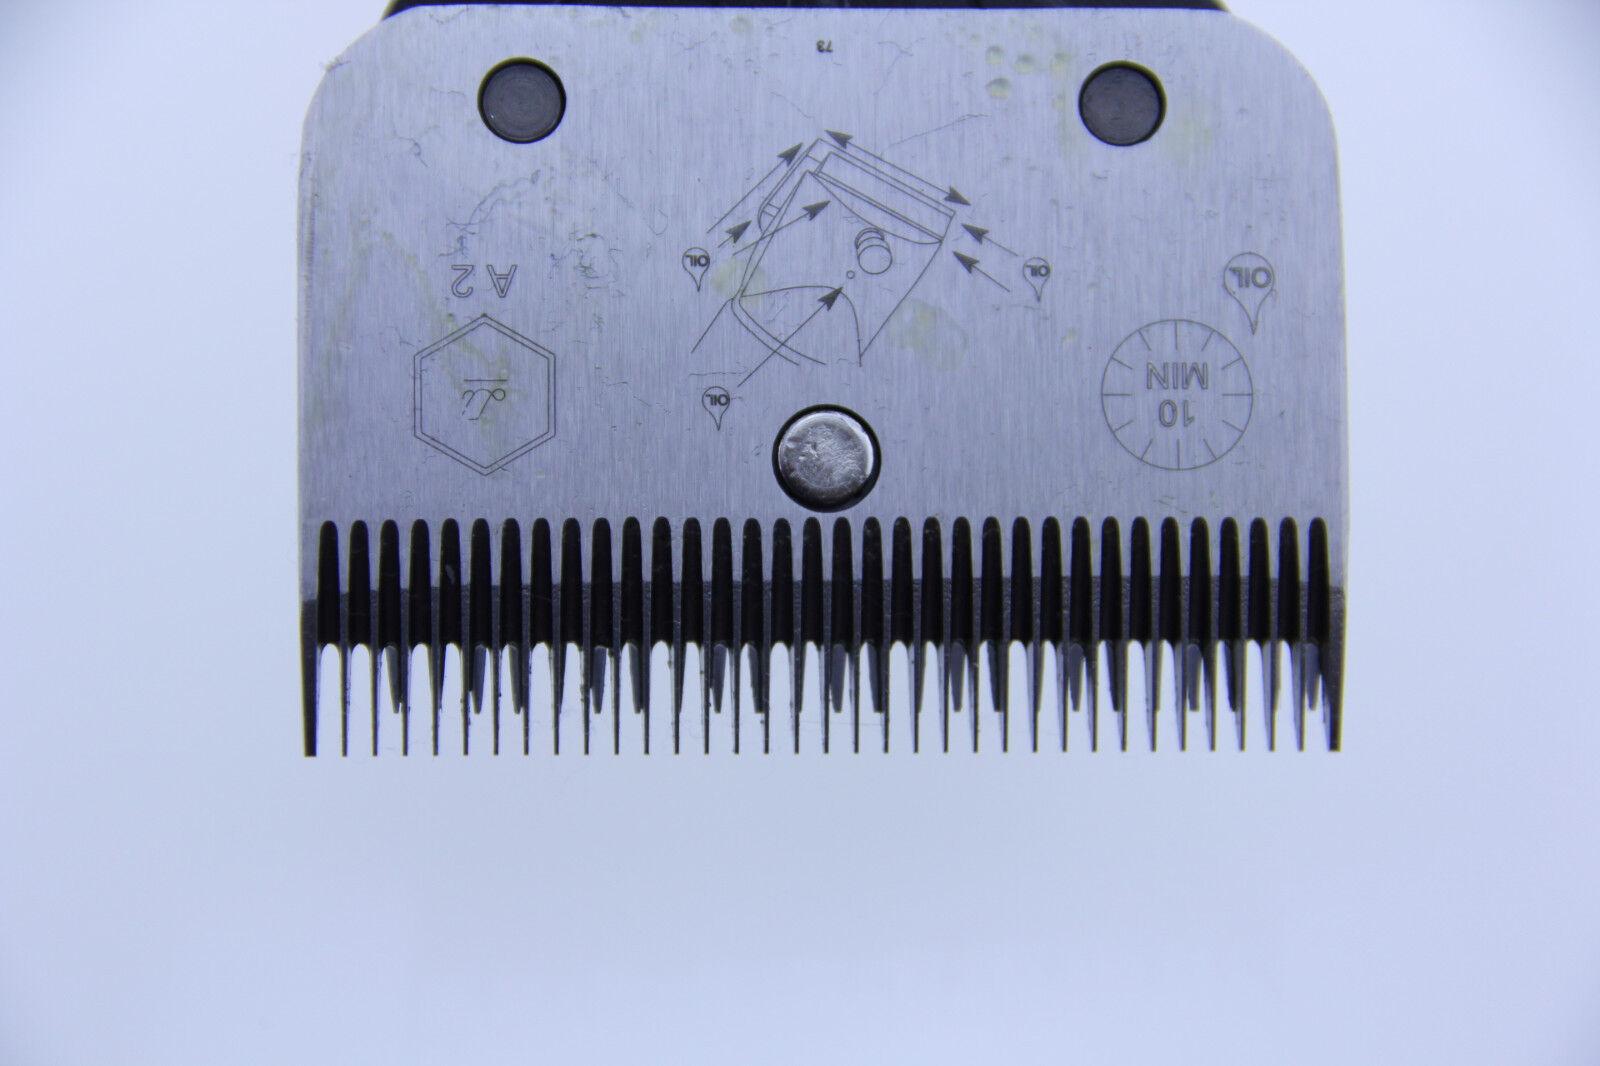 Lister Cuty Pferdeschermaschine Schermaschine Pferde + STRIEGEL + 1 x x 1 SCHLEIFEN 707b5b